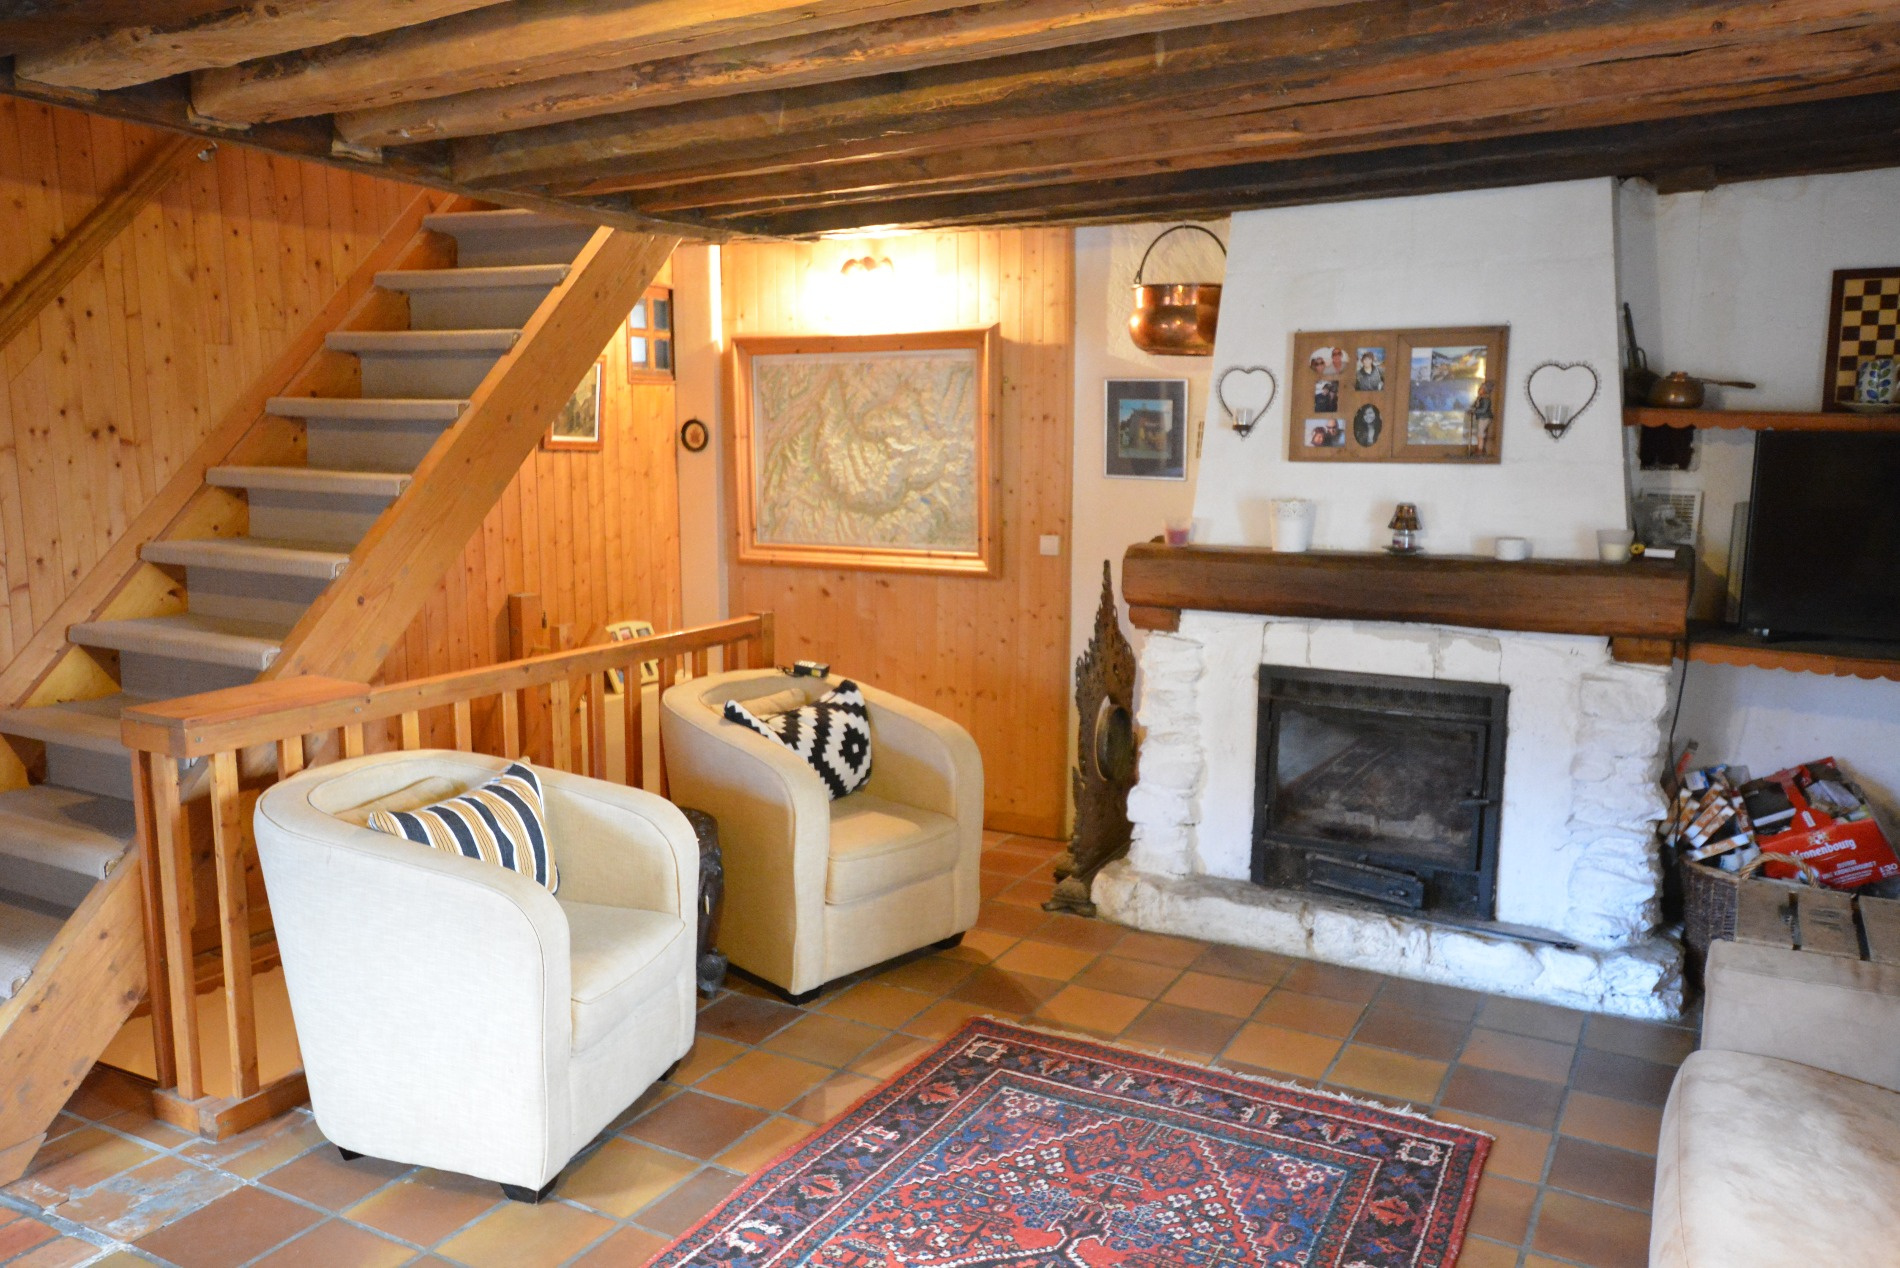 Offres de vente Maisons / Chalets Meribel les allues 73550